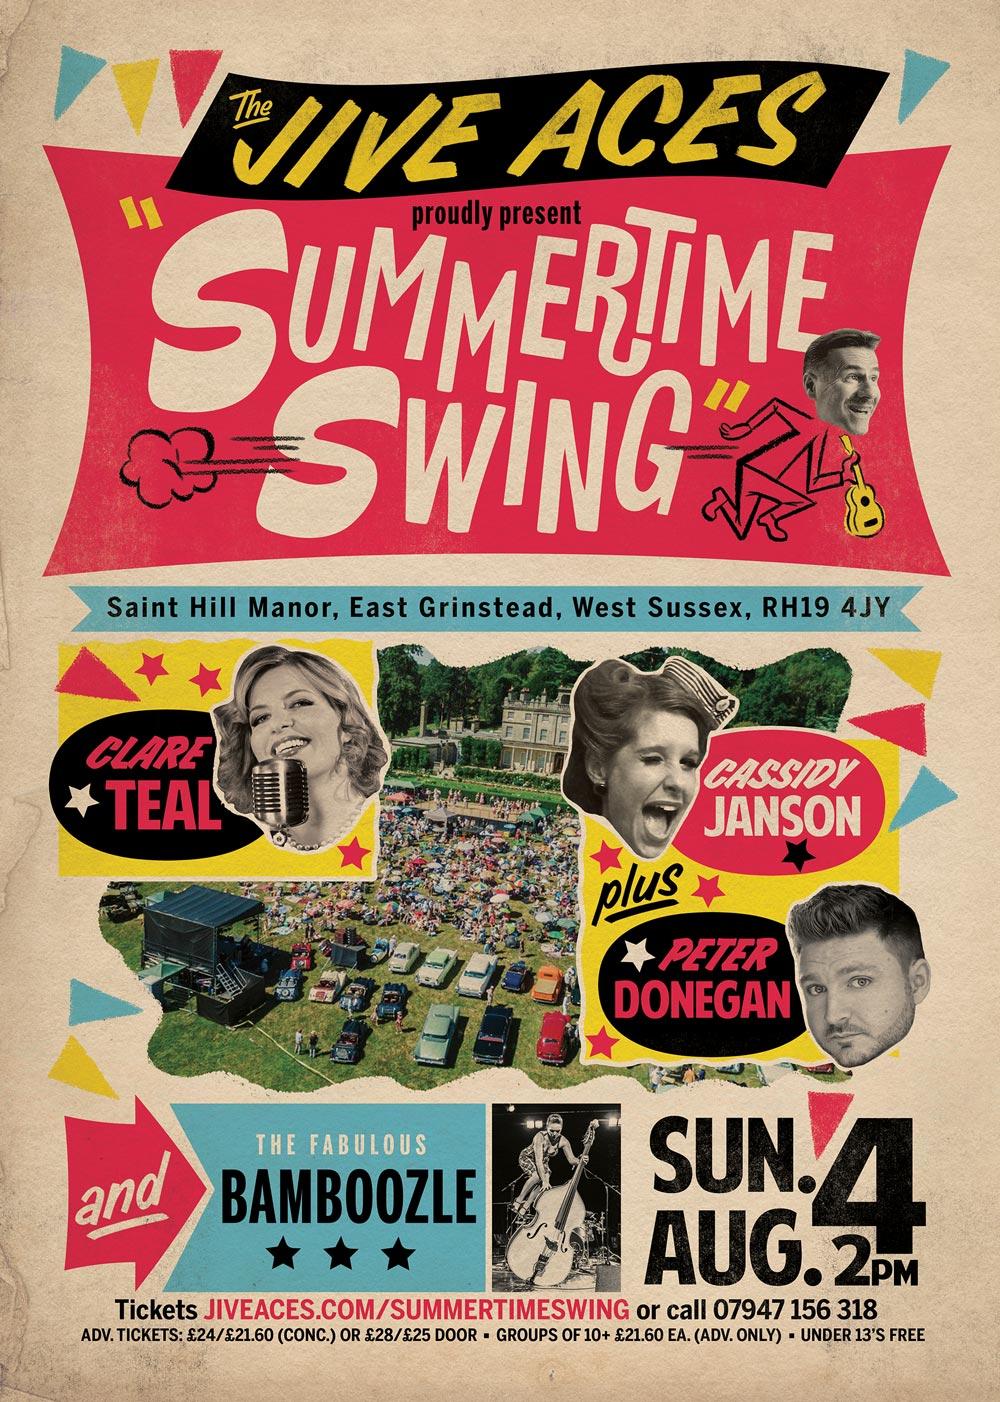 Summertime Swing flyer